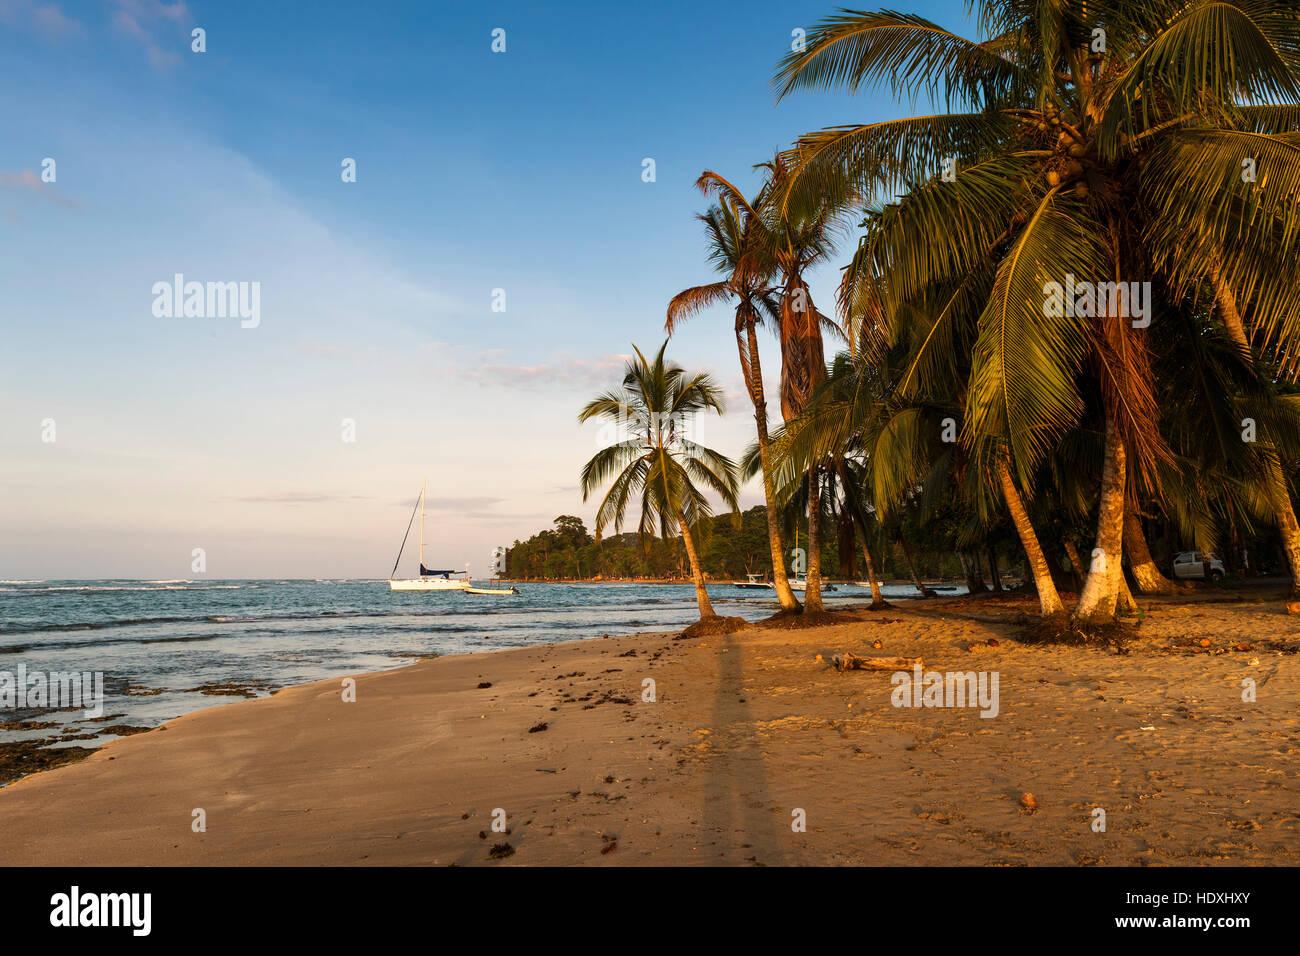 Vue d'une plage avec des palmiers et de bateaux dans Puerto Viejo de Talamanca, Costa Rica, Amérique Centrale Photo Stock